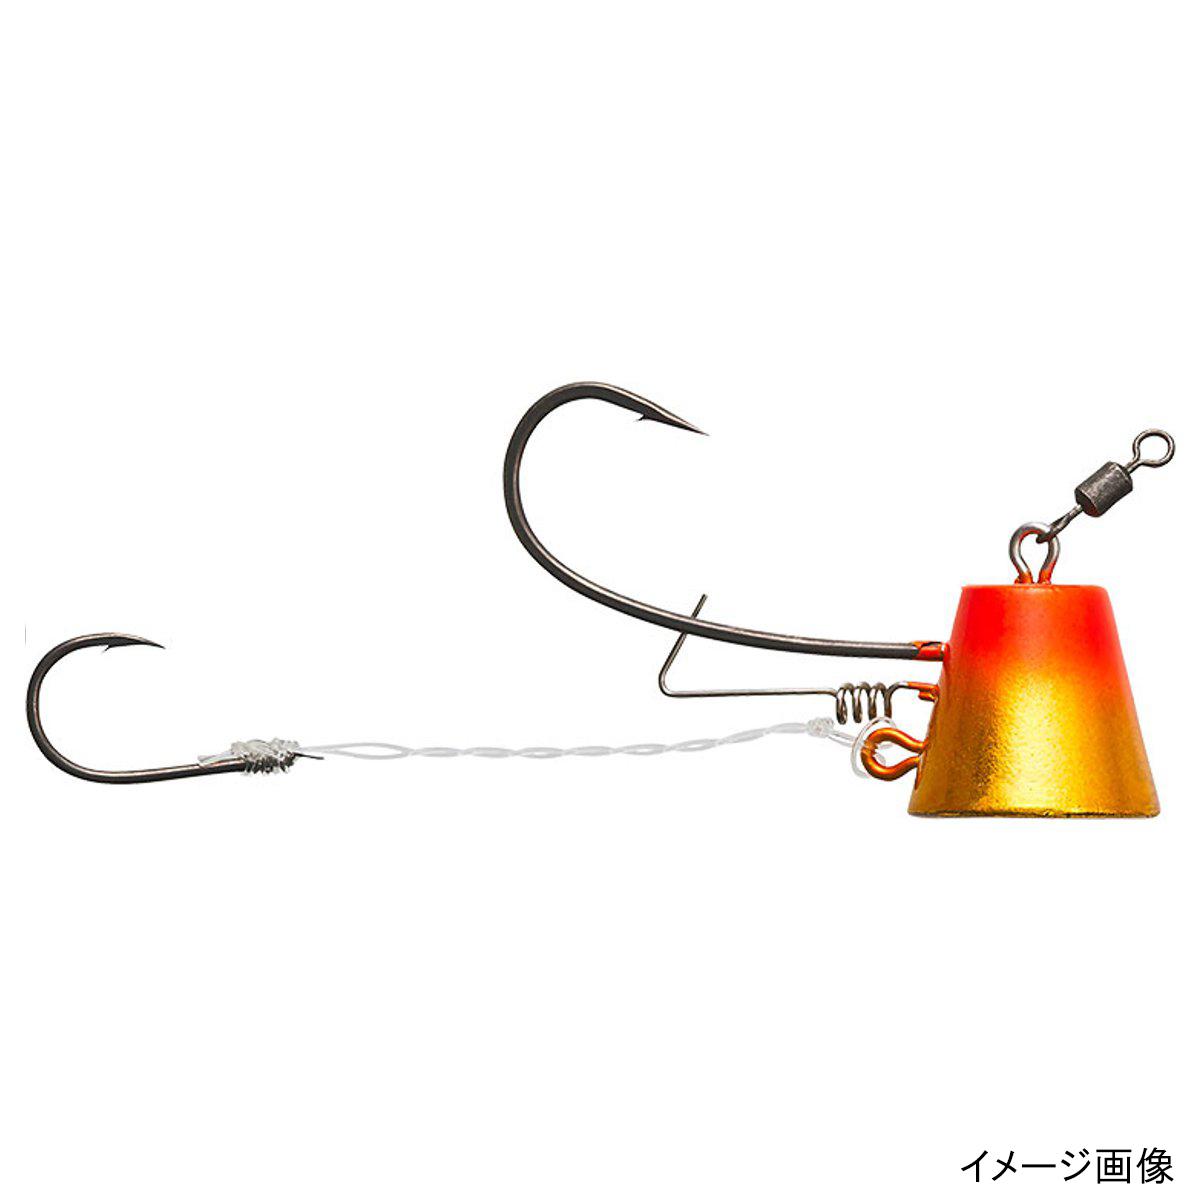 釣具のポイント ダイワ 紅牙 タイテンヤ SS オンラインショッピング 金 ゆうパケット 5号 ケイムラオレンジ エビロック 超激安